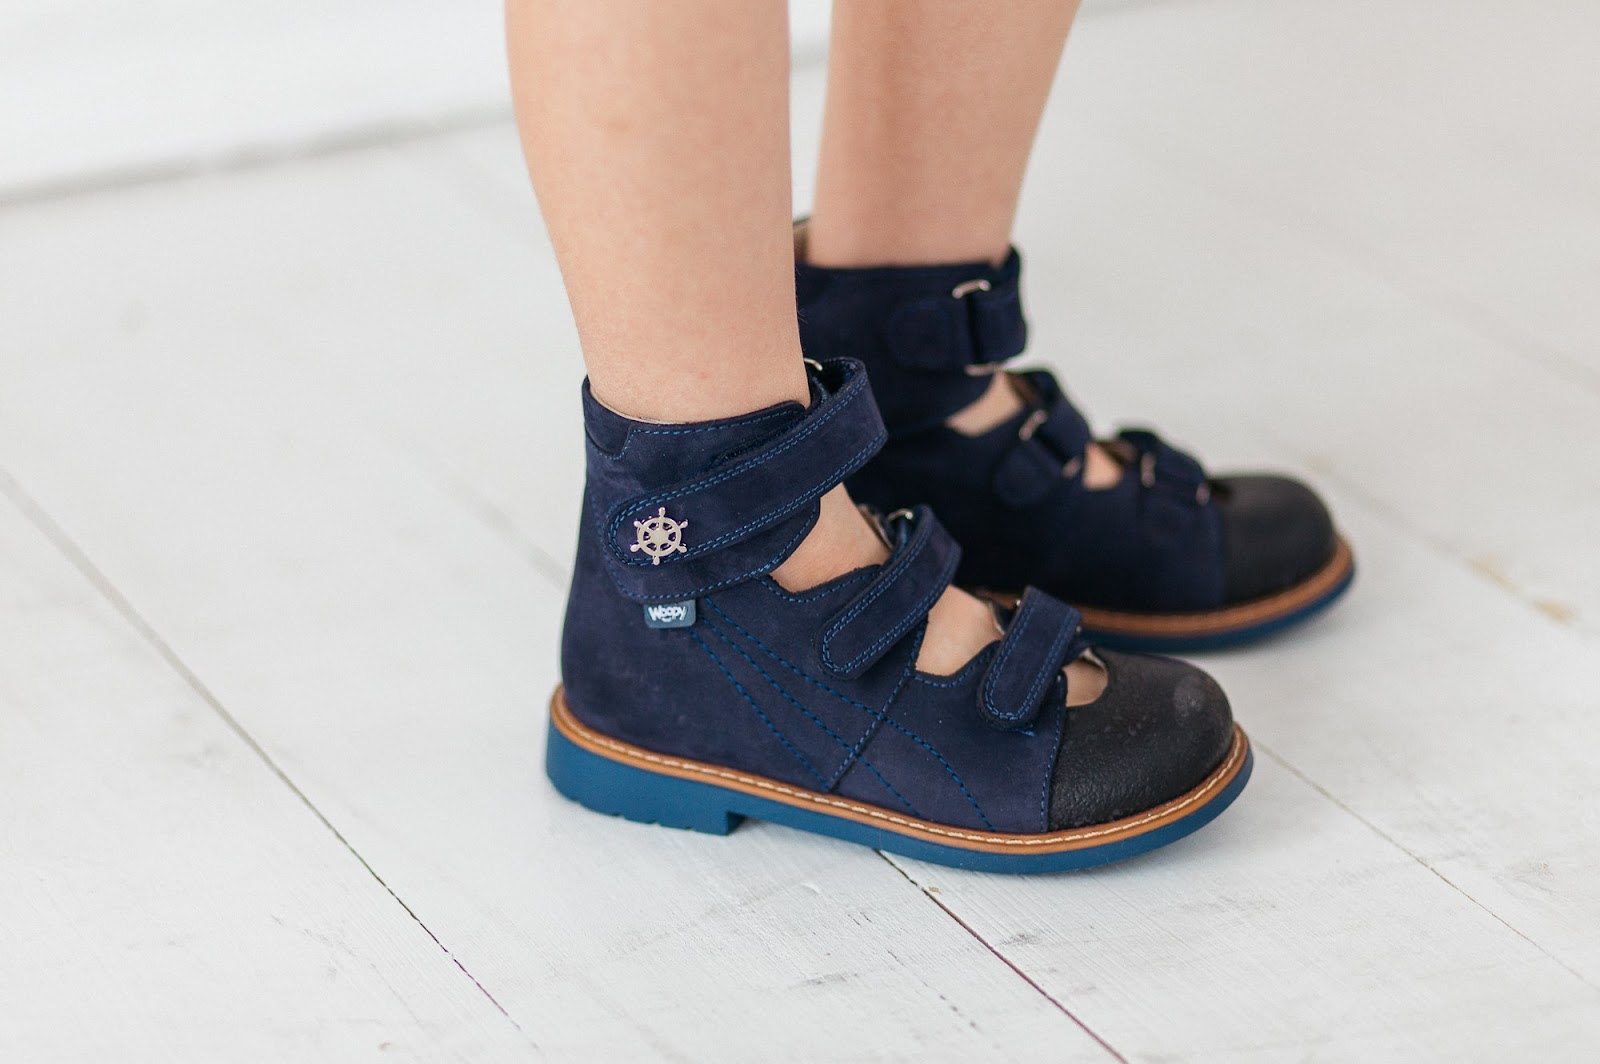 7a471447e Как правильно подобрать ортопедическую обувь конкретно вашему ребенку?